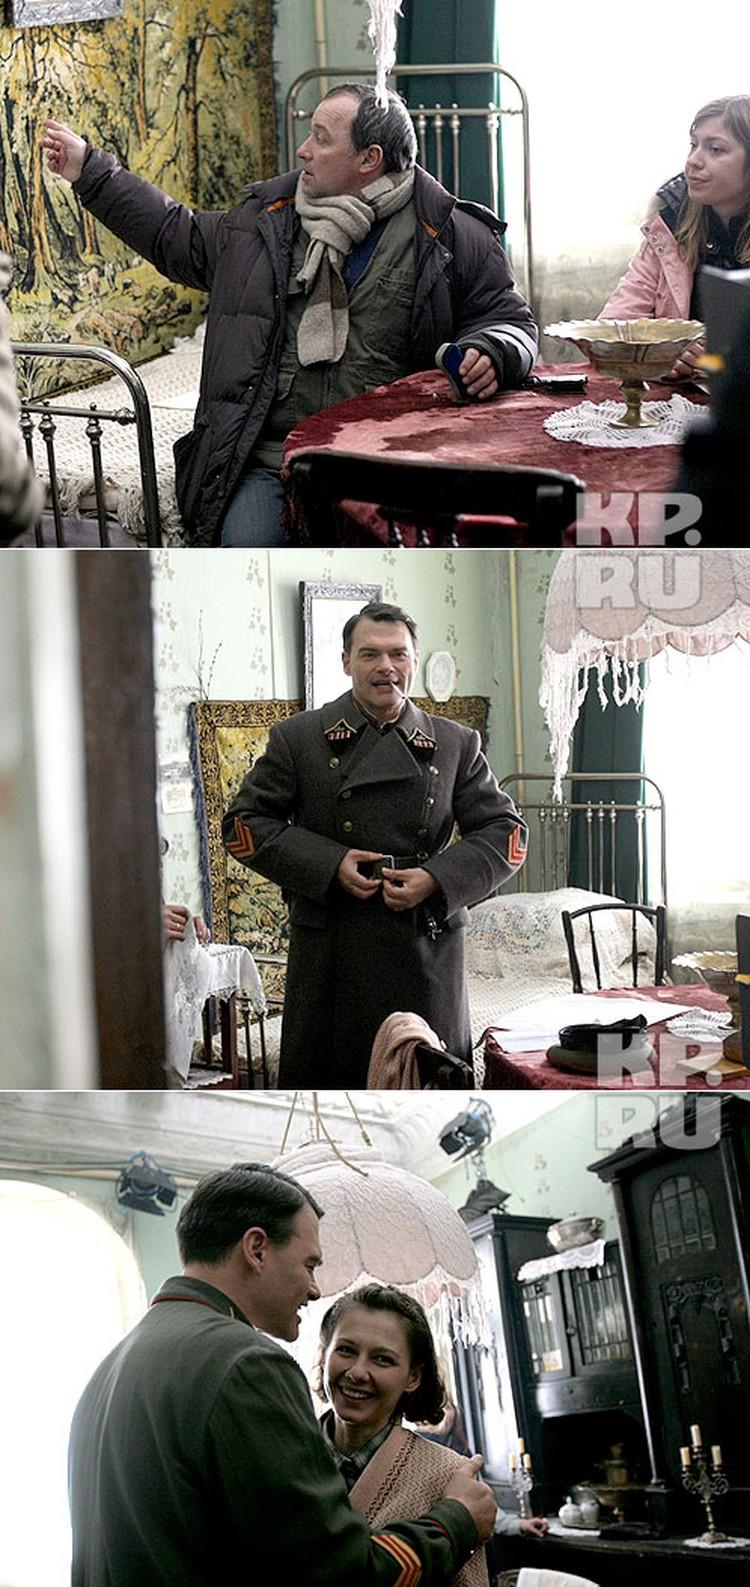 Режиисер картины Сергей Урсуляк проконтролировал каждую деталь интерьера квартиры, в которой, по сценарию, происходила встреча главных героев